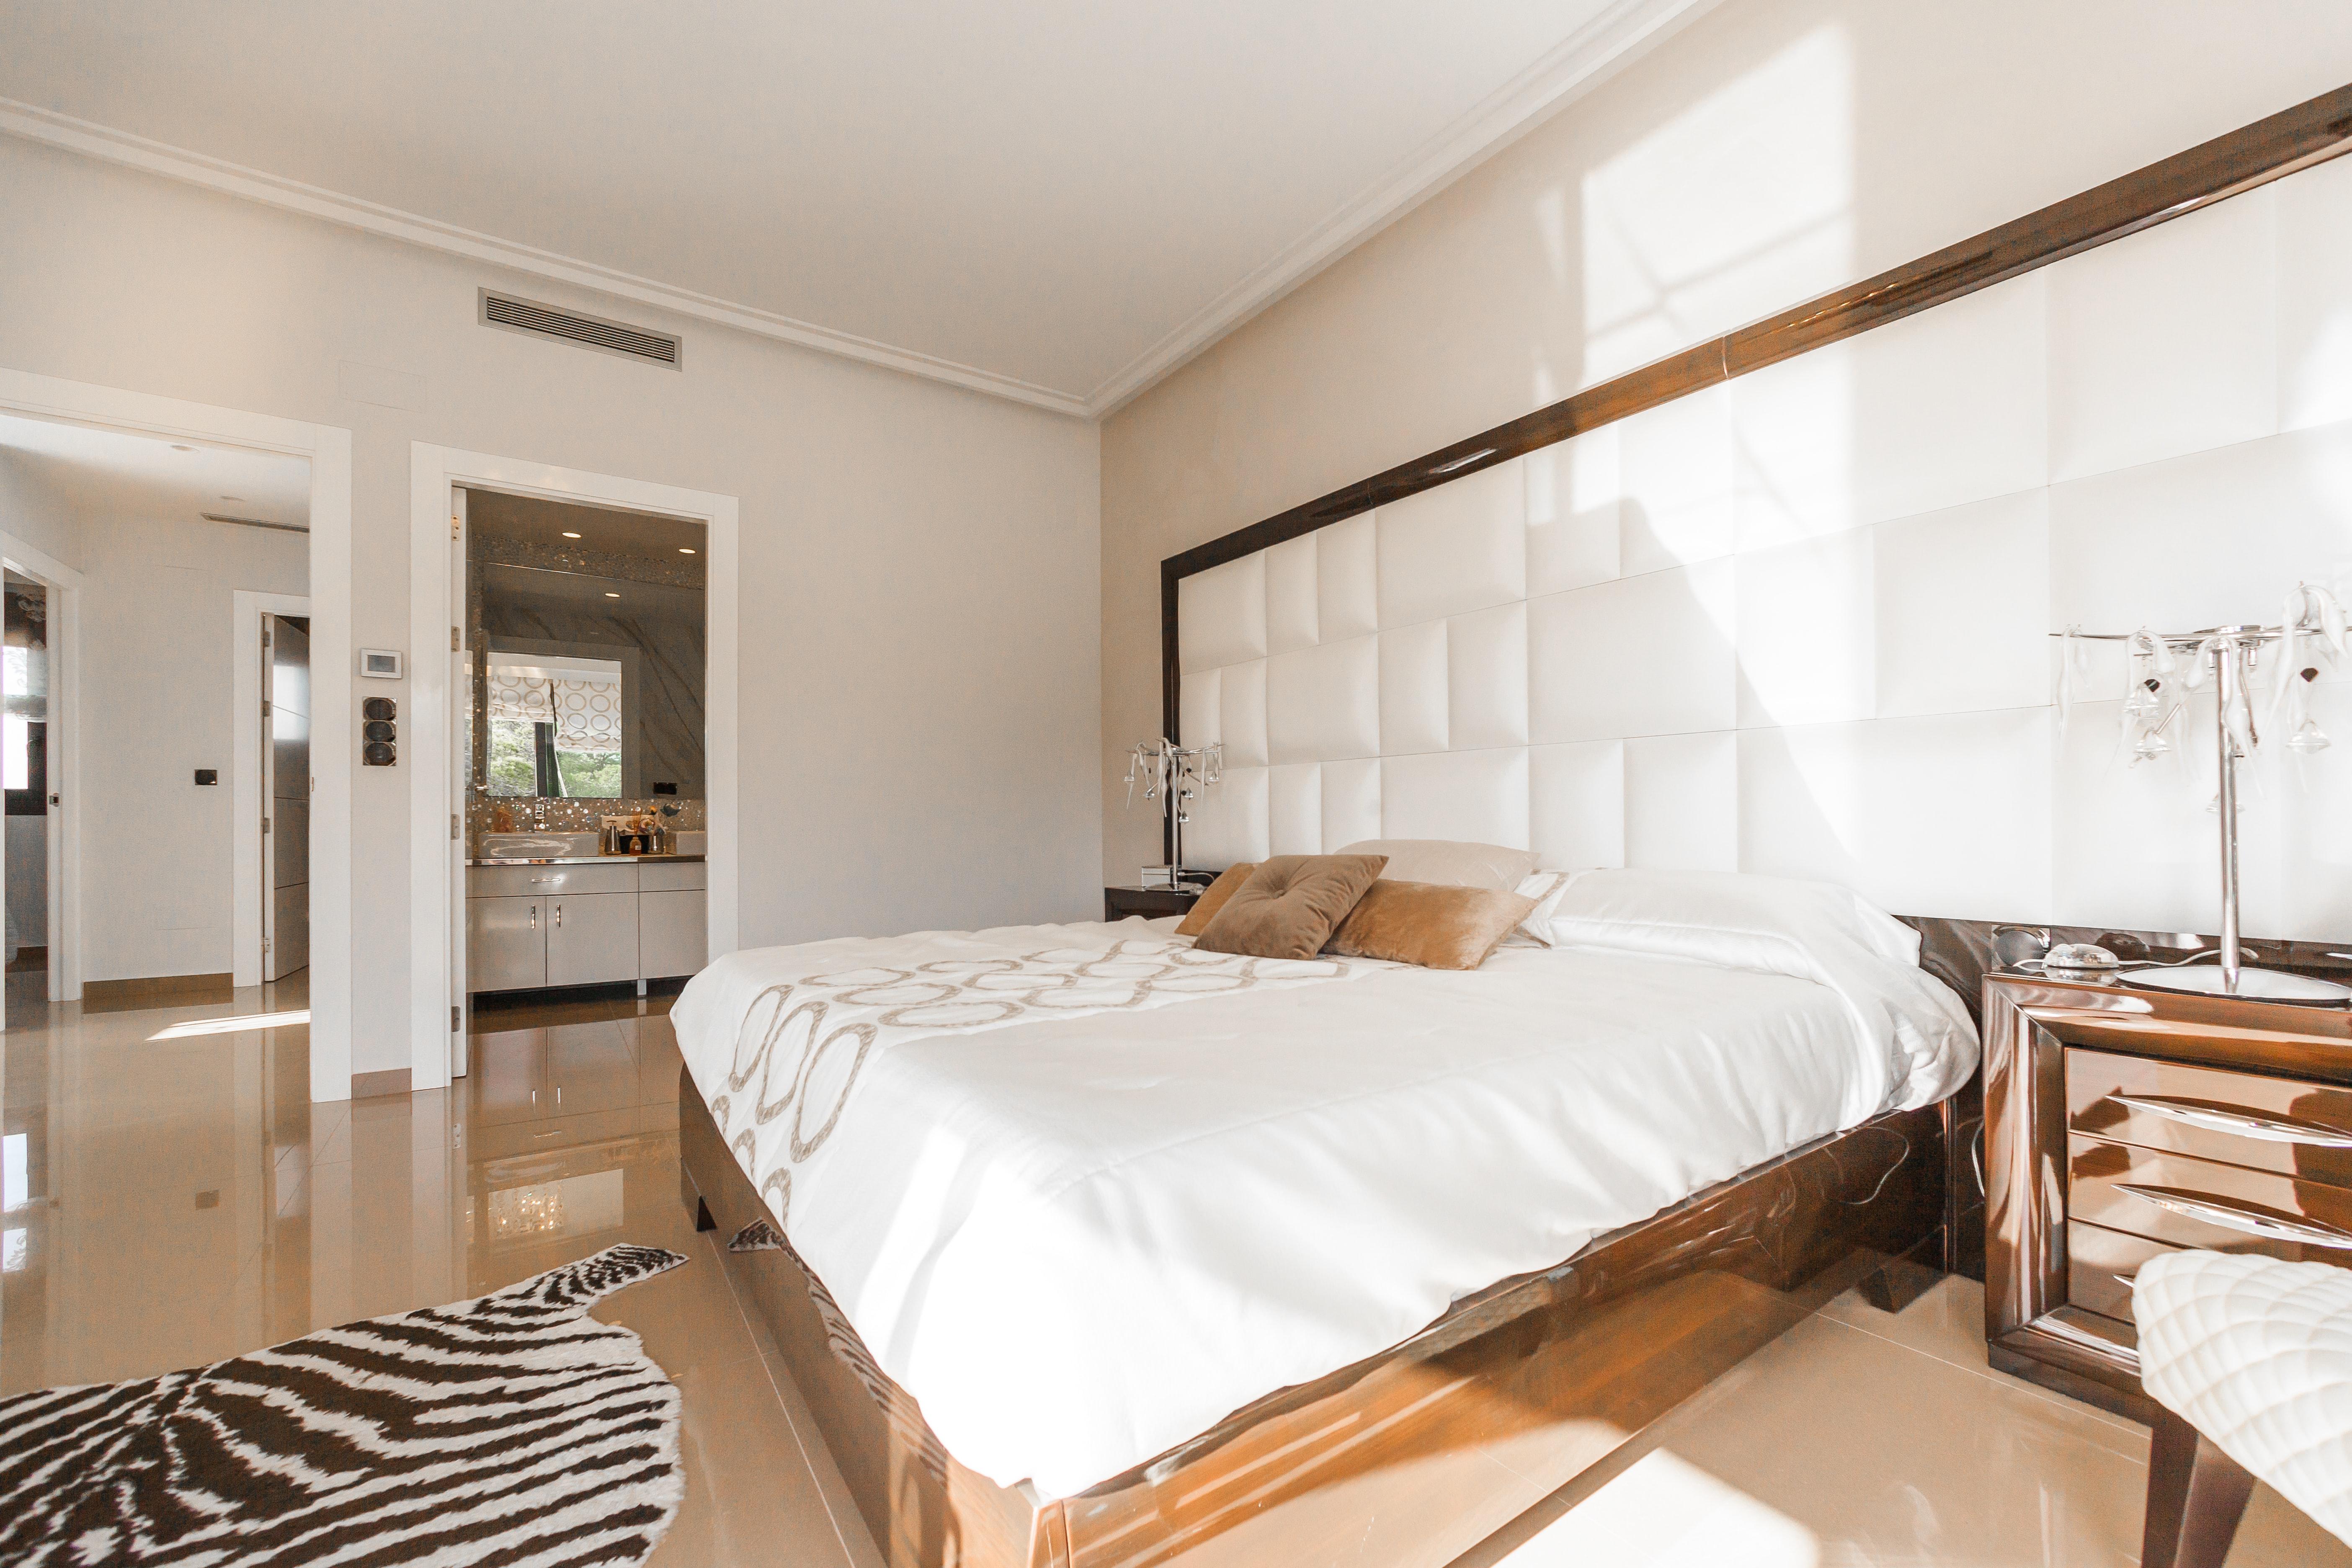 A legszebb s legromantikusabb h l szob k amiket valaha l tt l fundamenta otthonok s - Dormitorios vintage chic ...